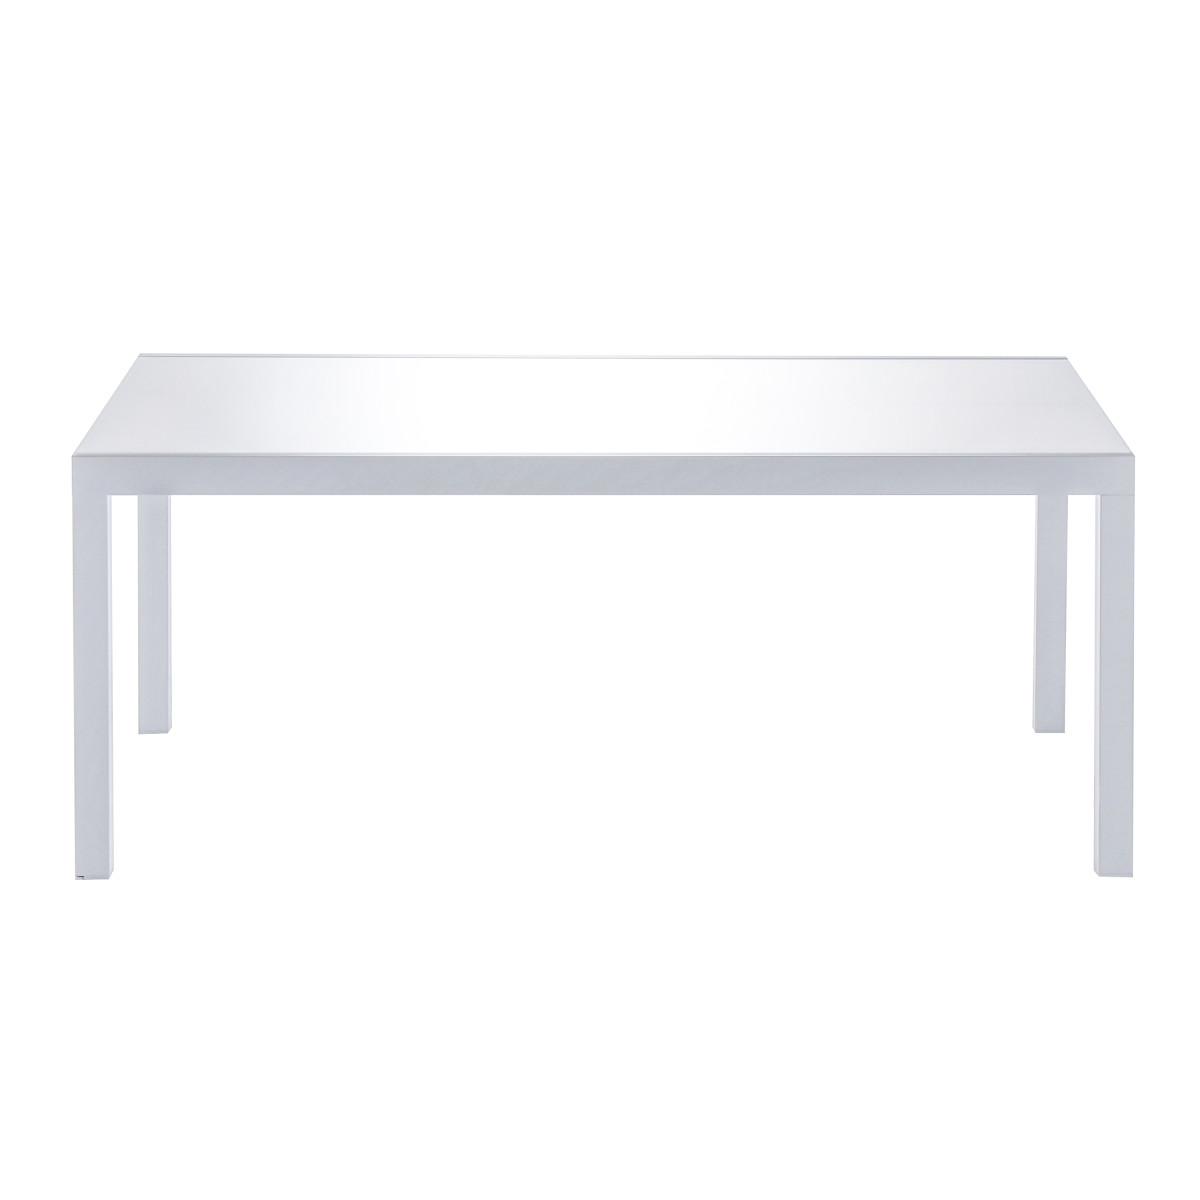 Стол садовый раздвижной Naterial Lyra Up&Down 180-260х90х75 см алюминий/стекло белый